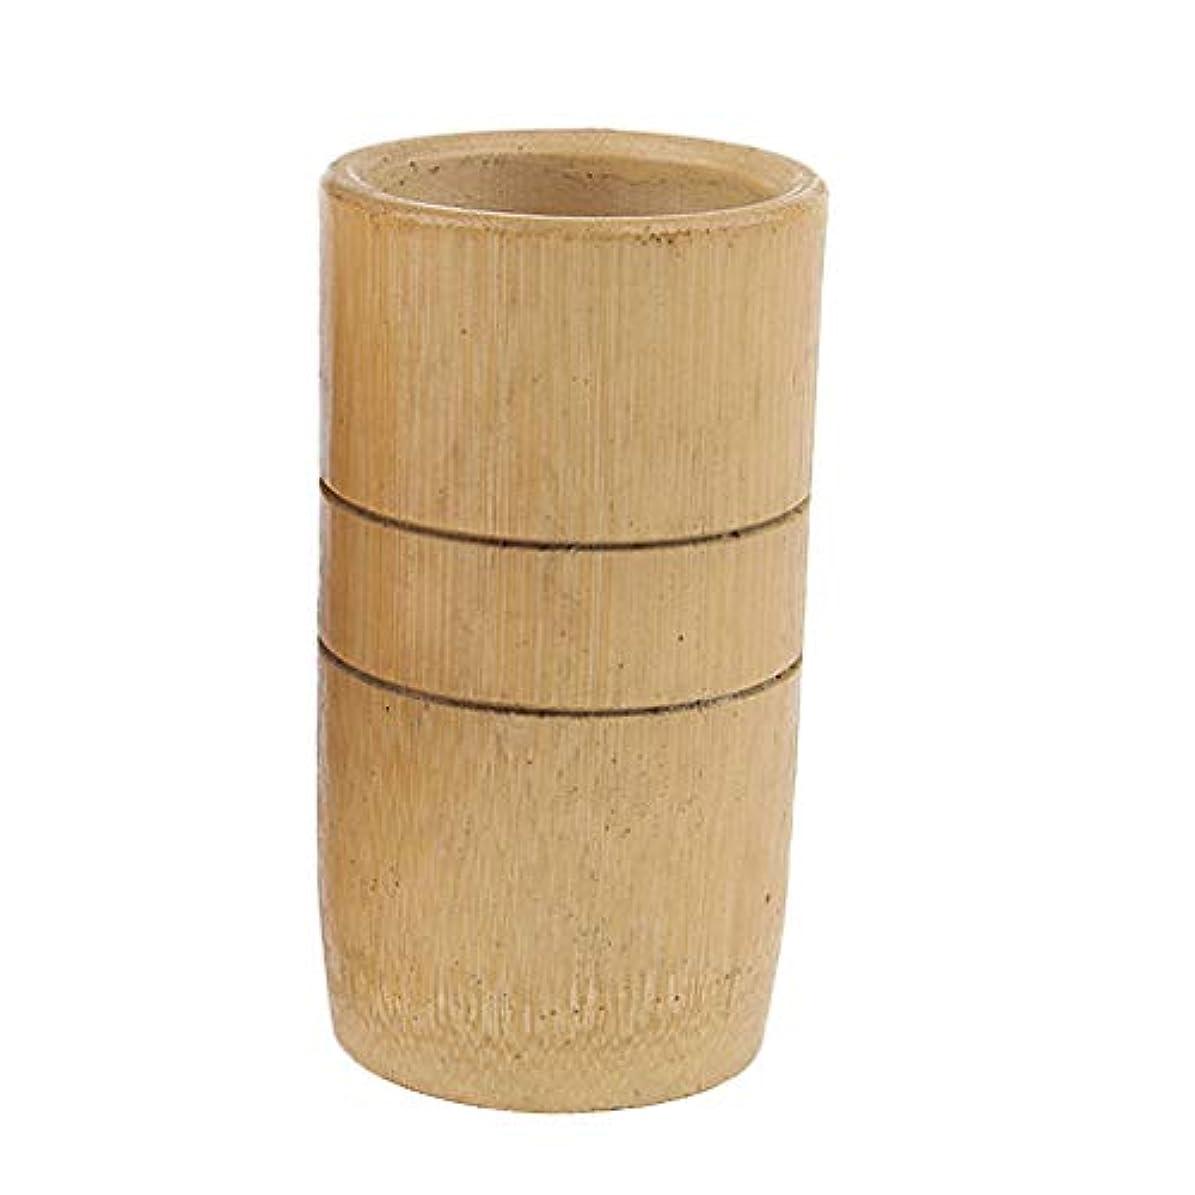 サーマルあなたは丘マッサージカップ 吸い玉 カッピング 天然竹製 男女兼用 2個入